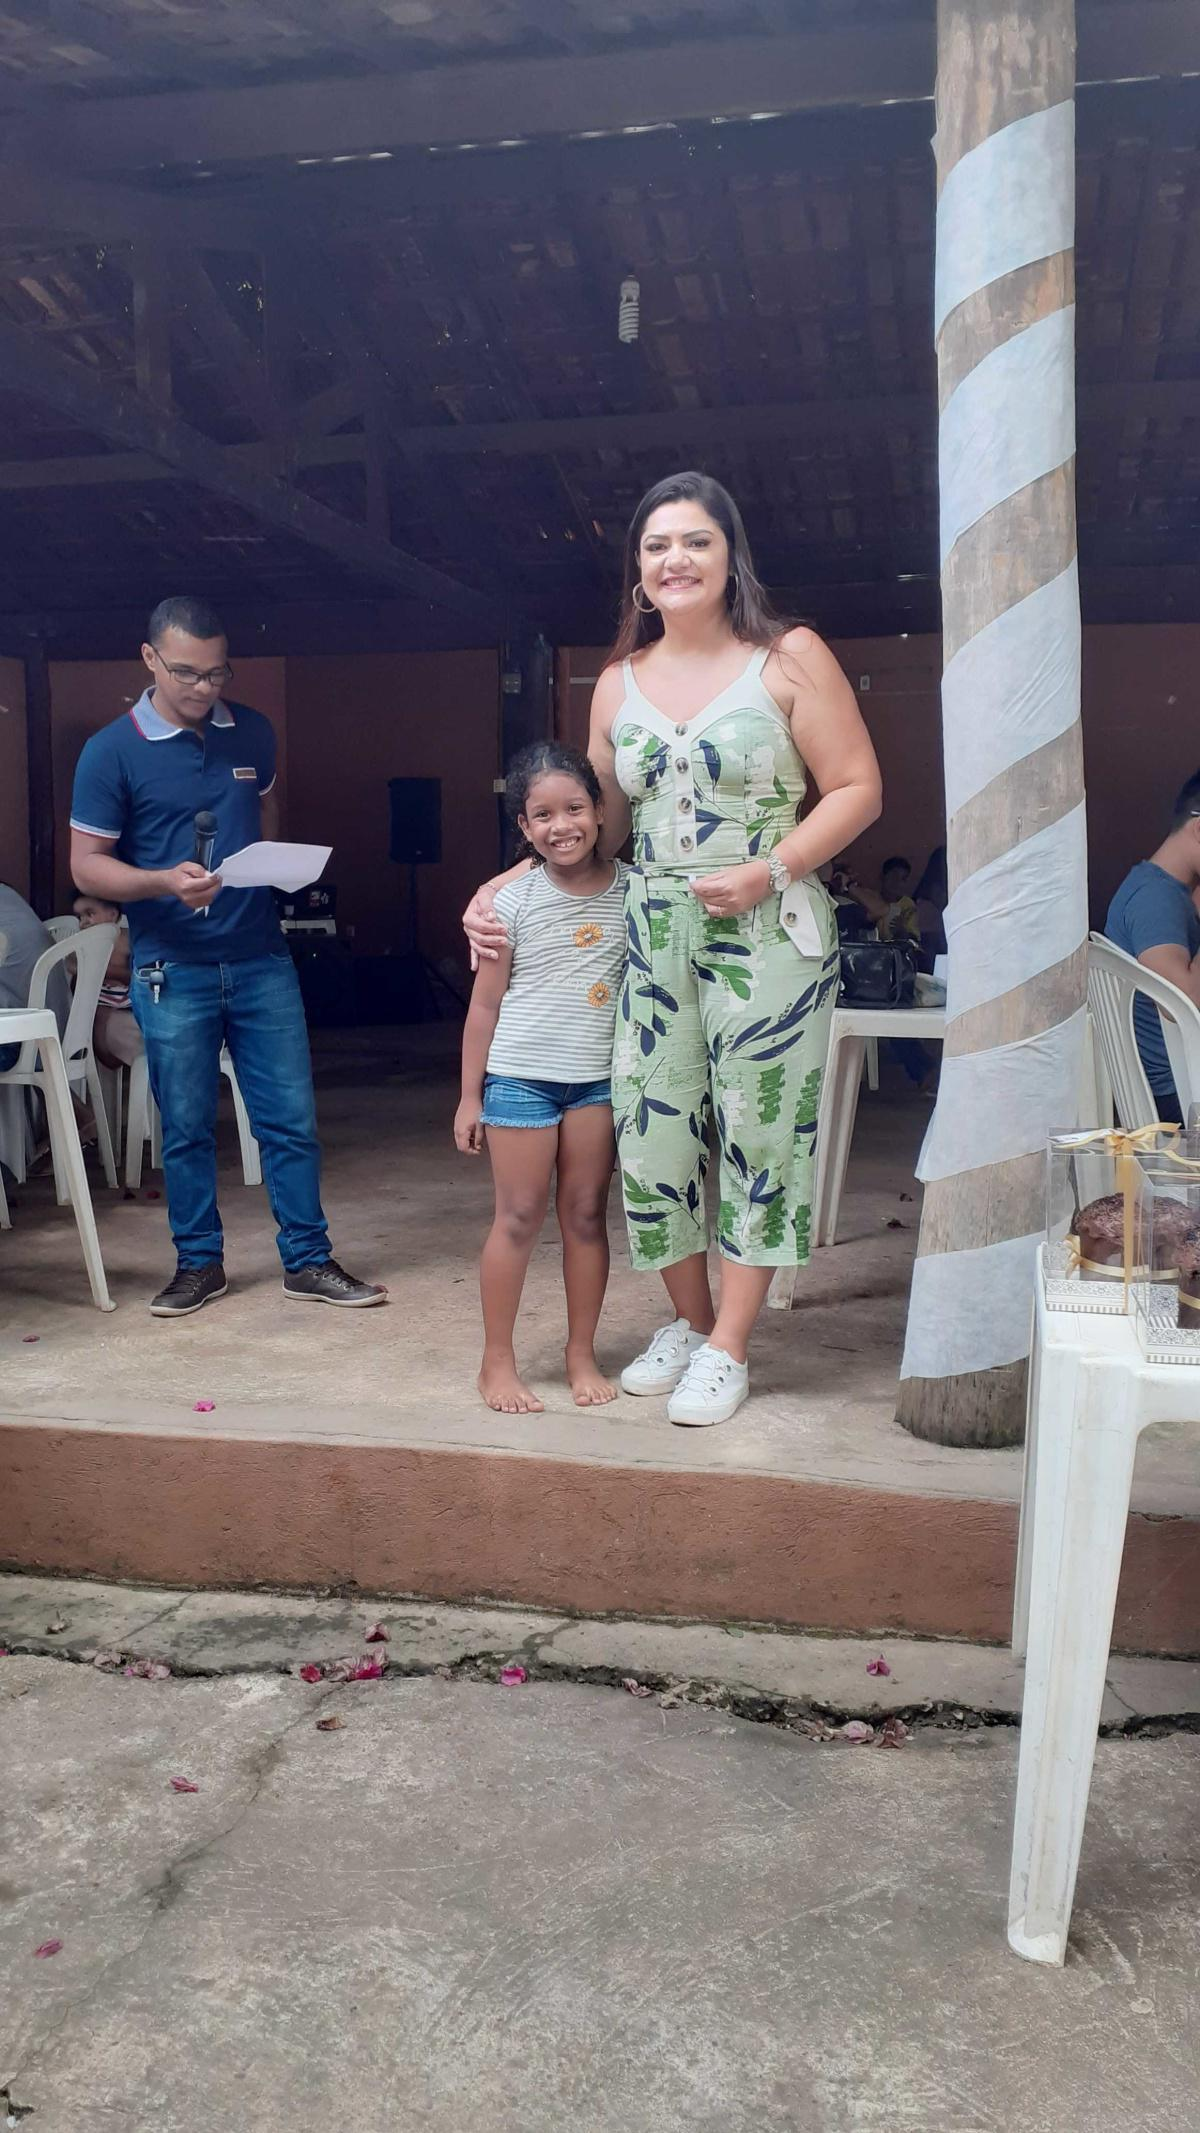 CONFRATERNIZAÇÃO EQUIPE JOELMA LEITE